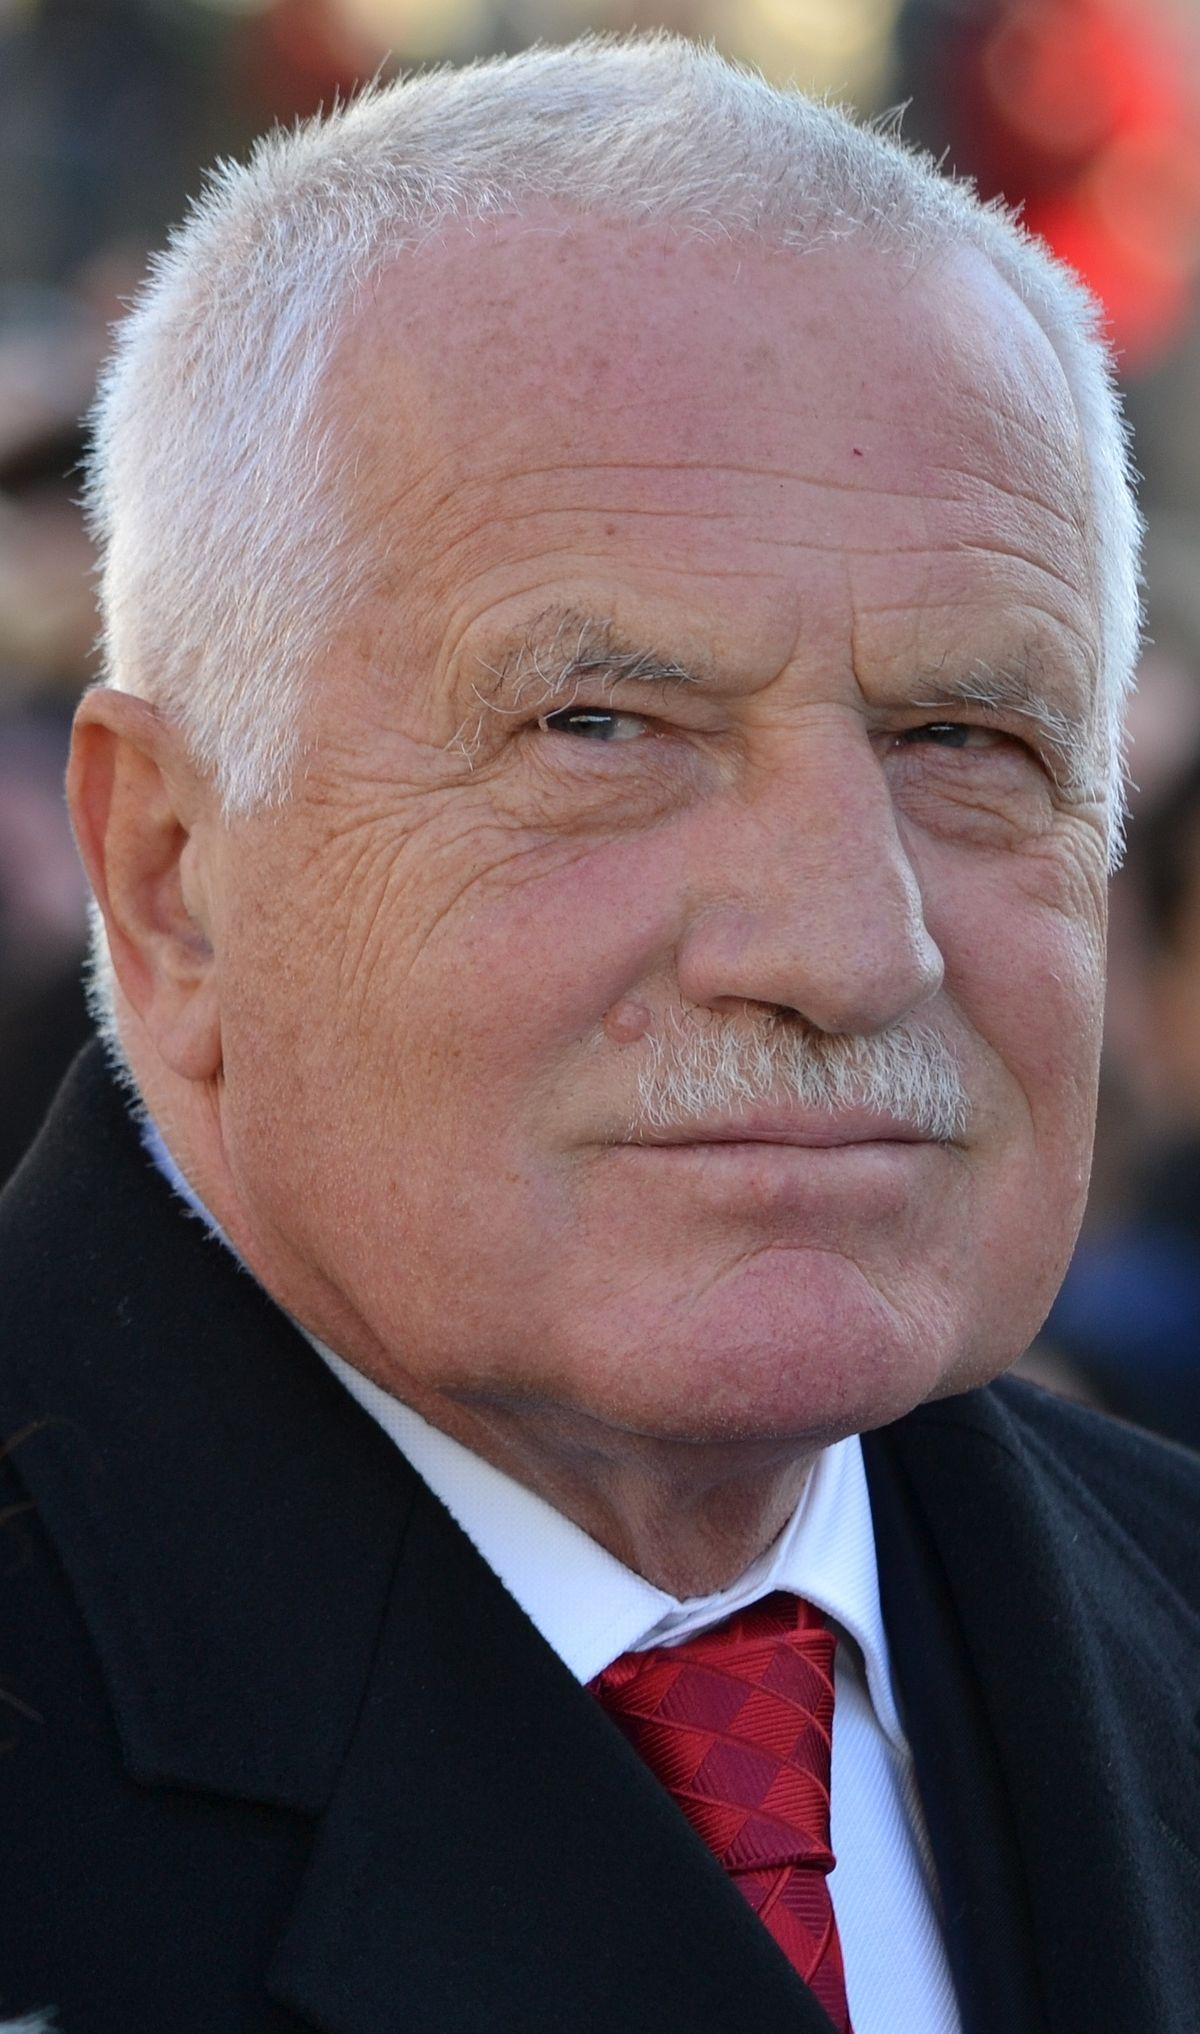 File:President Václav Klaus.JPG - Wikimedia Commons